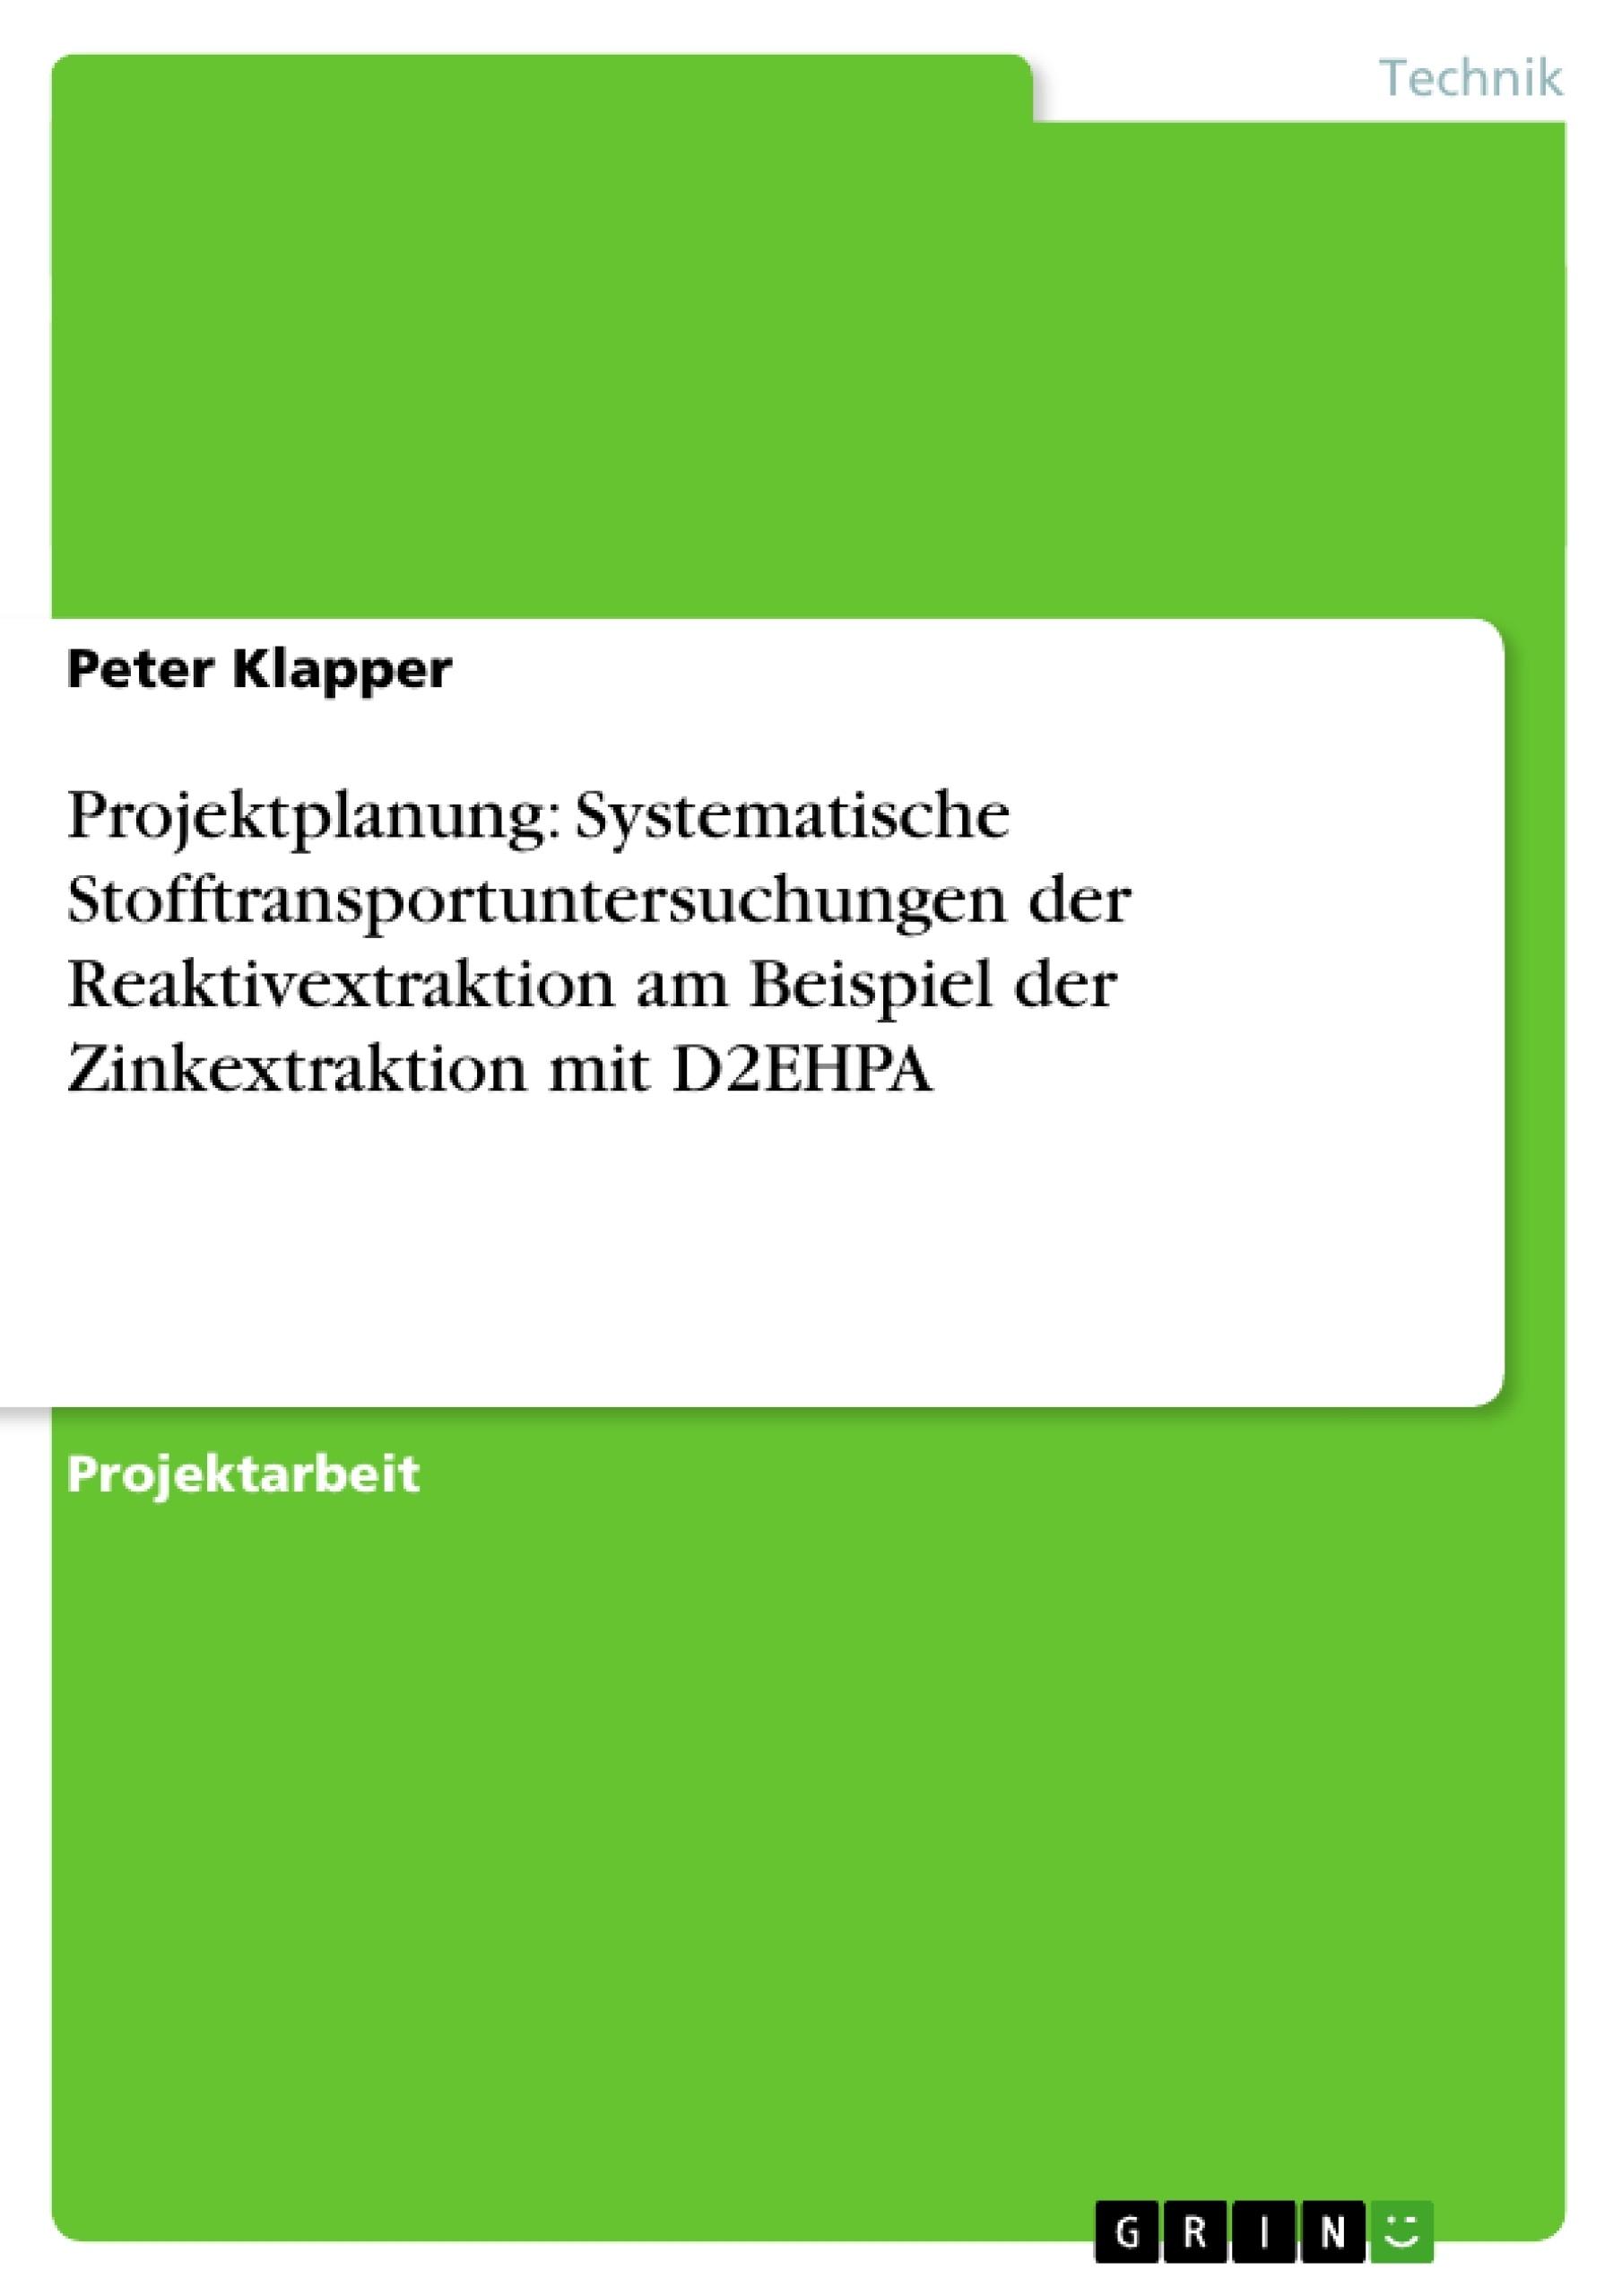 Titel: Projektplanung: Systematische Stofftransportuntersuchungen der Reaktivextraktion am Beispiel der Zinkextraktion mit D2EHPA